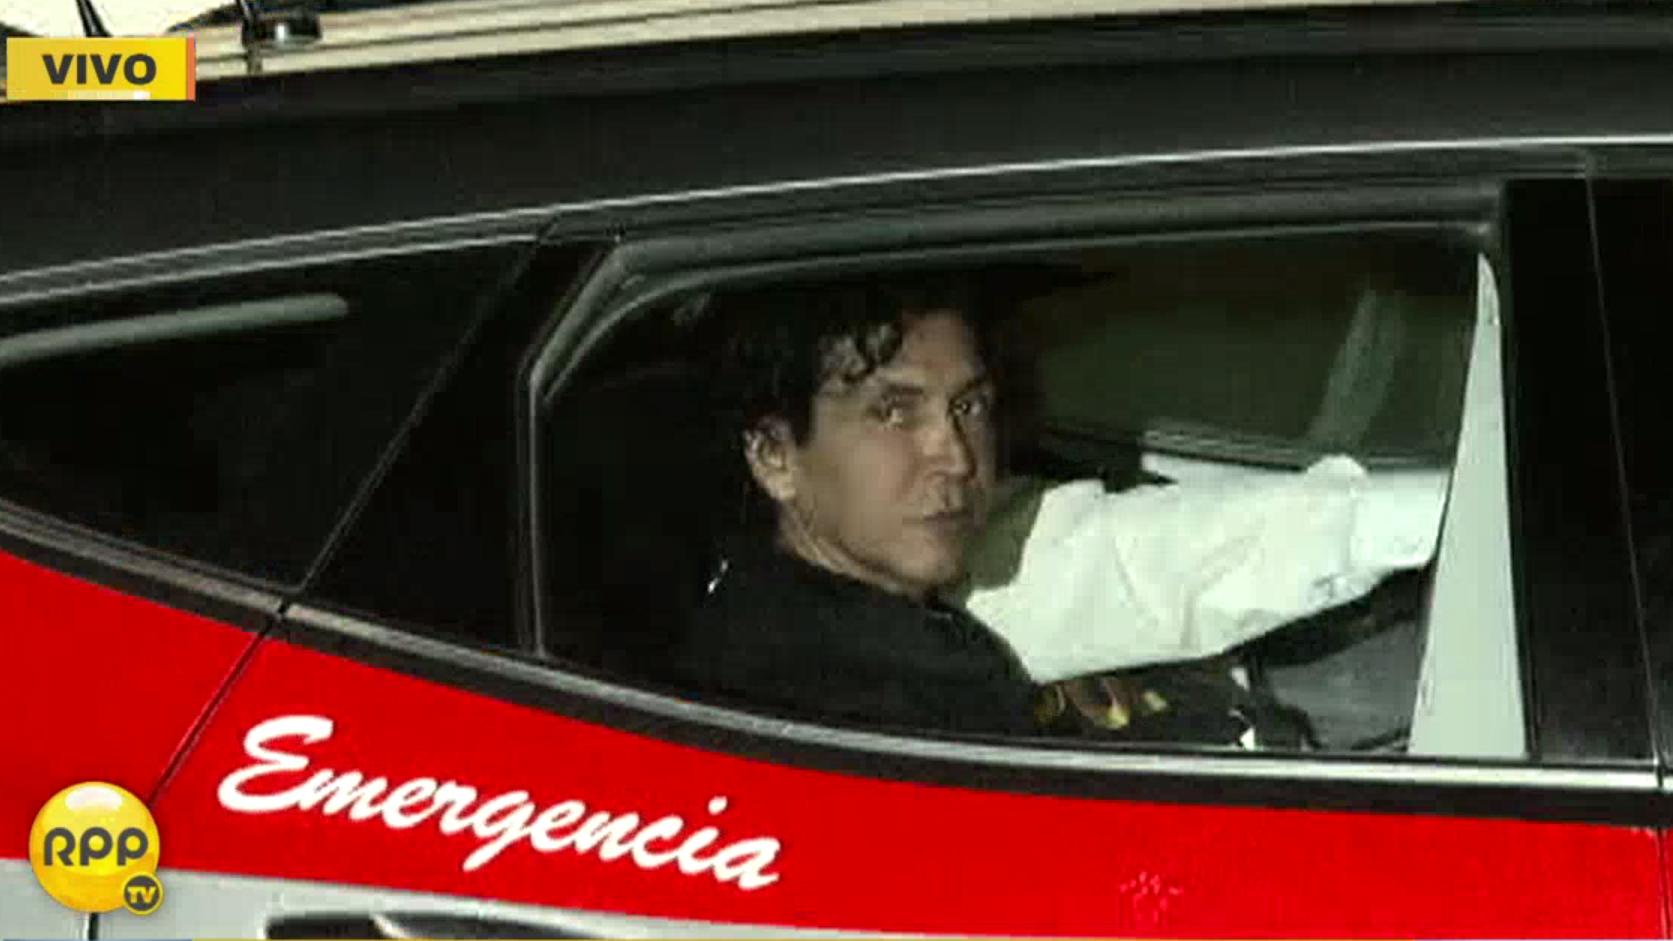 'Peter Ferrari' fue trasladado a la Dirincri tras permanecer detenido en su vivienda desde la madrugrada de este martes.